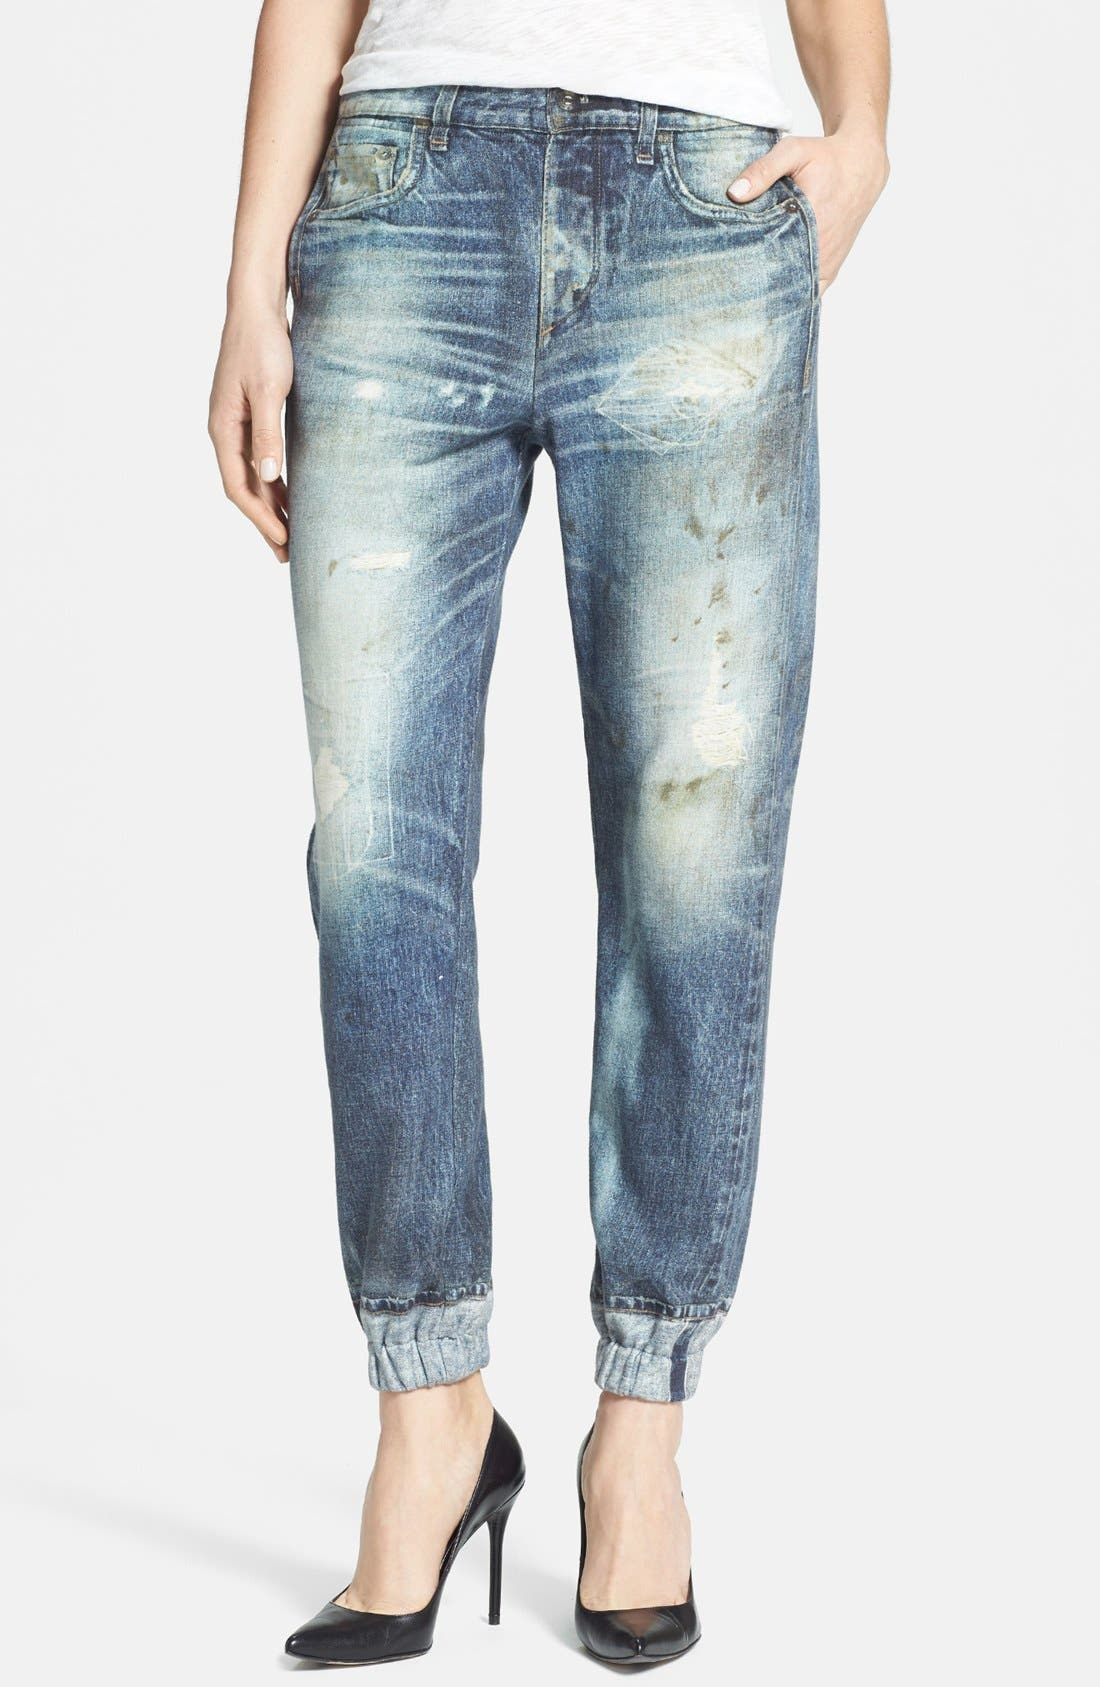 Alternate Image 1 Selected - rag & bone/JEAN 'Pajama Jean' Print Sweatpants (Miramar)